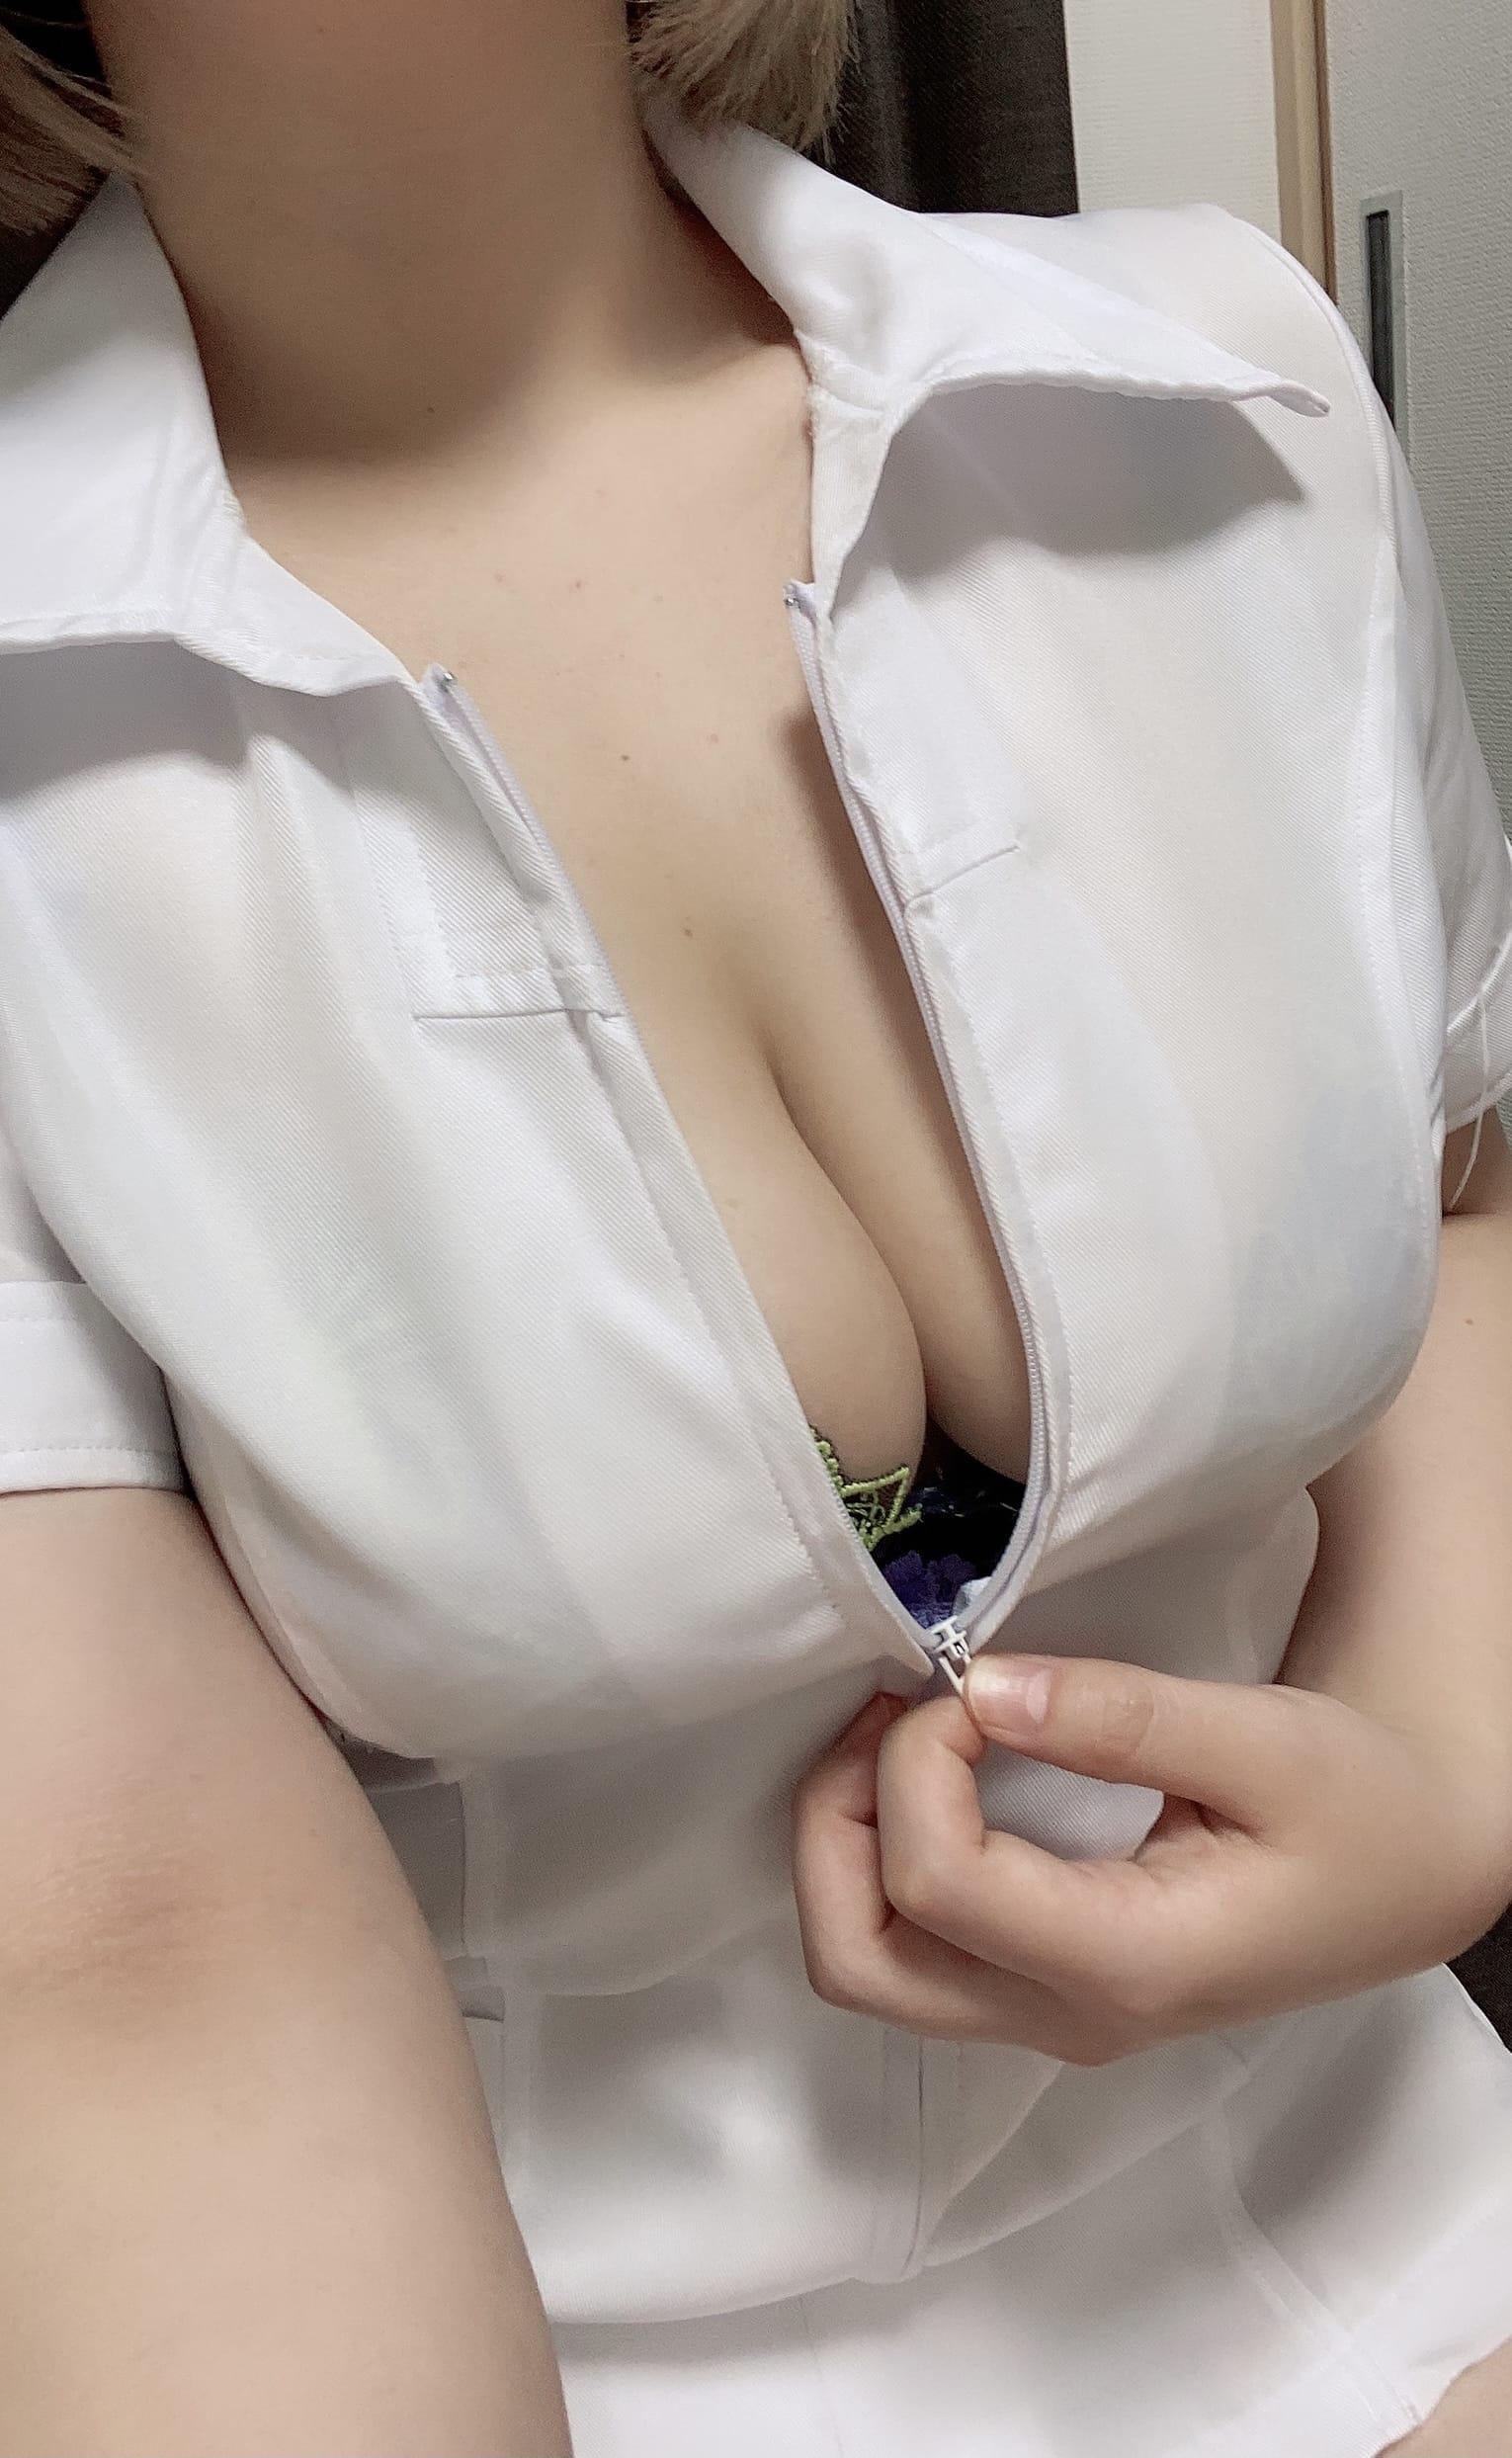 愛美(まなみ)「好きな」02/27(土) 13:59 | 愛美(まなみ)の写メ・風俗動画